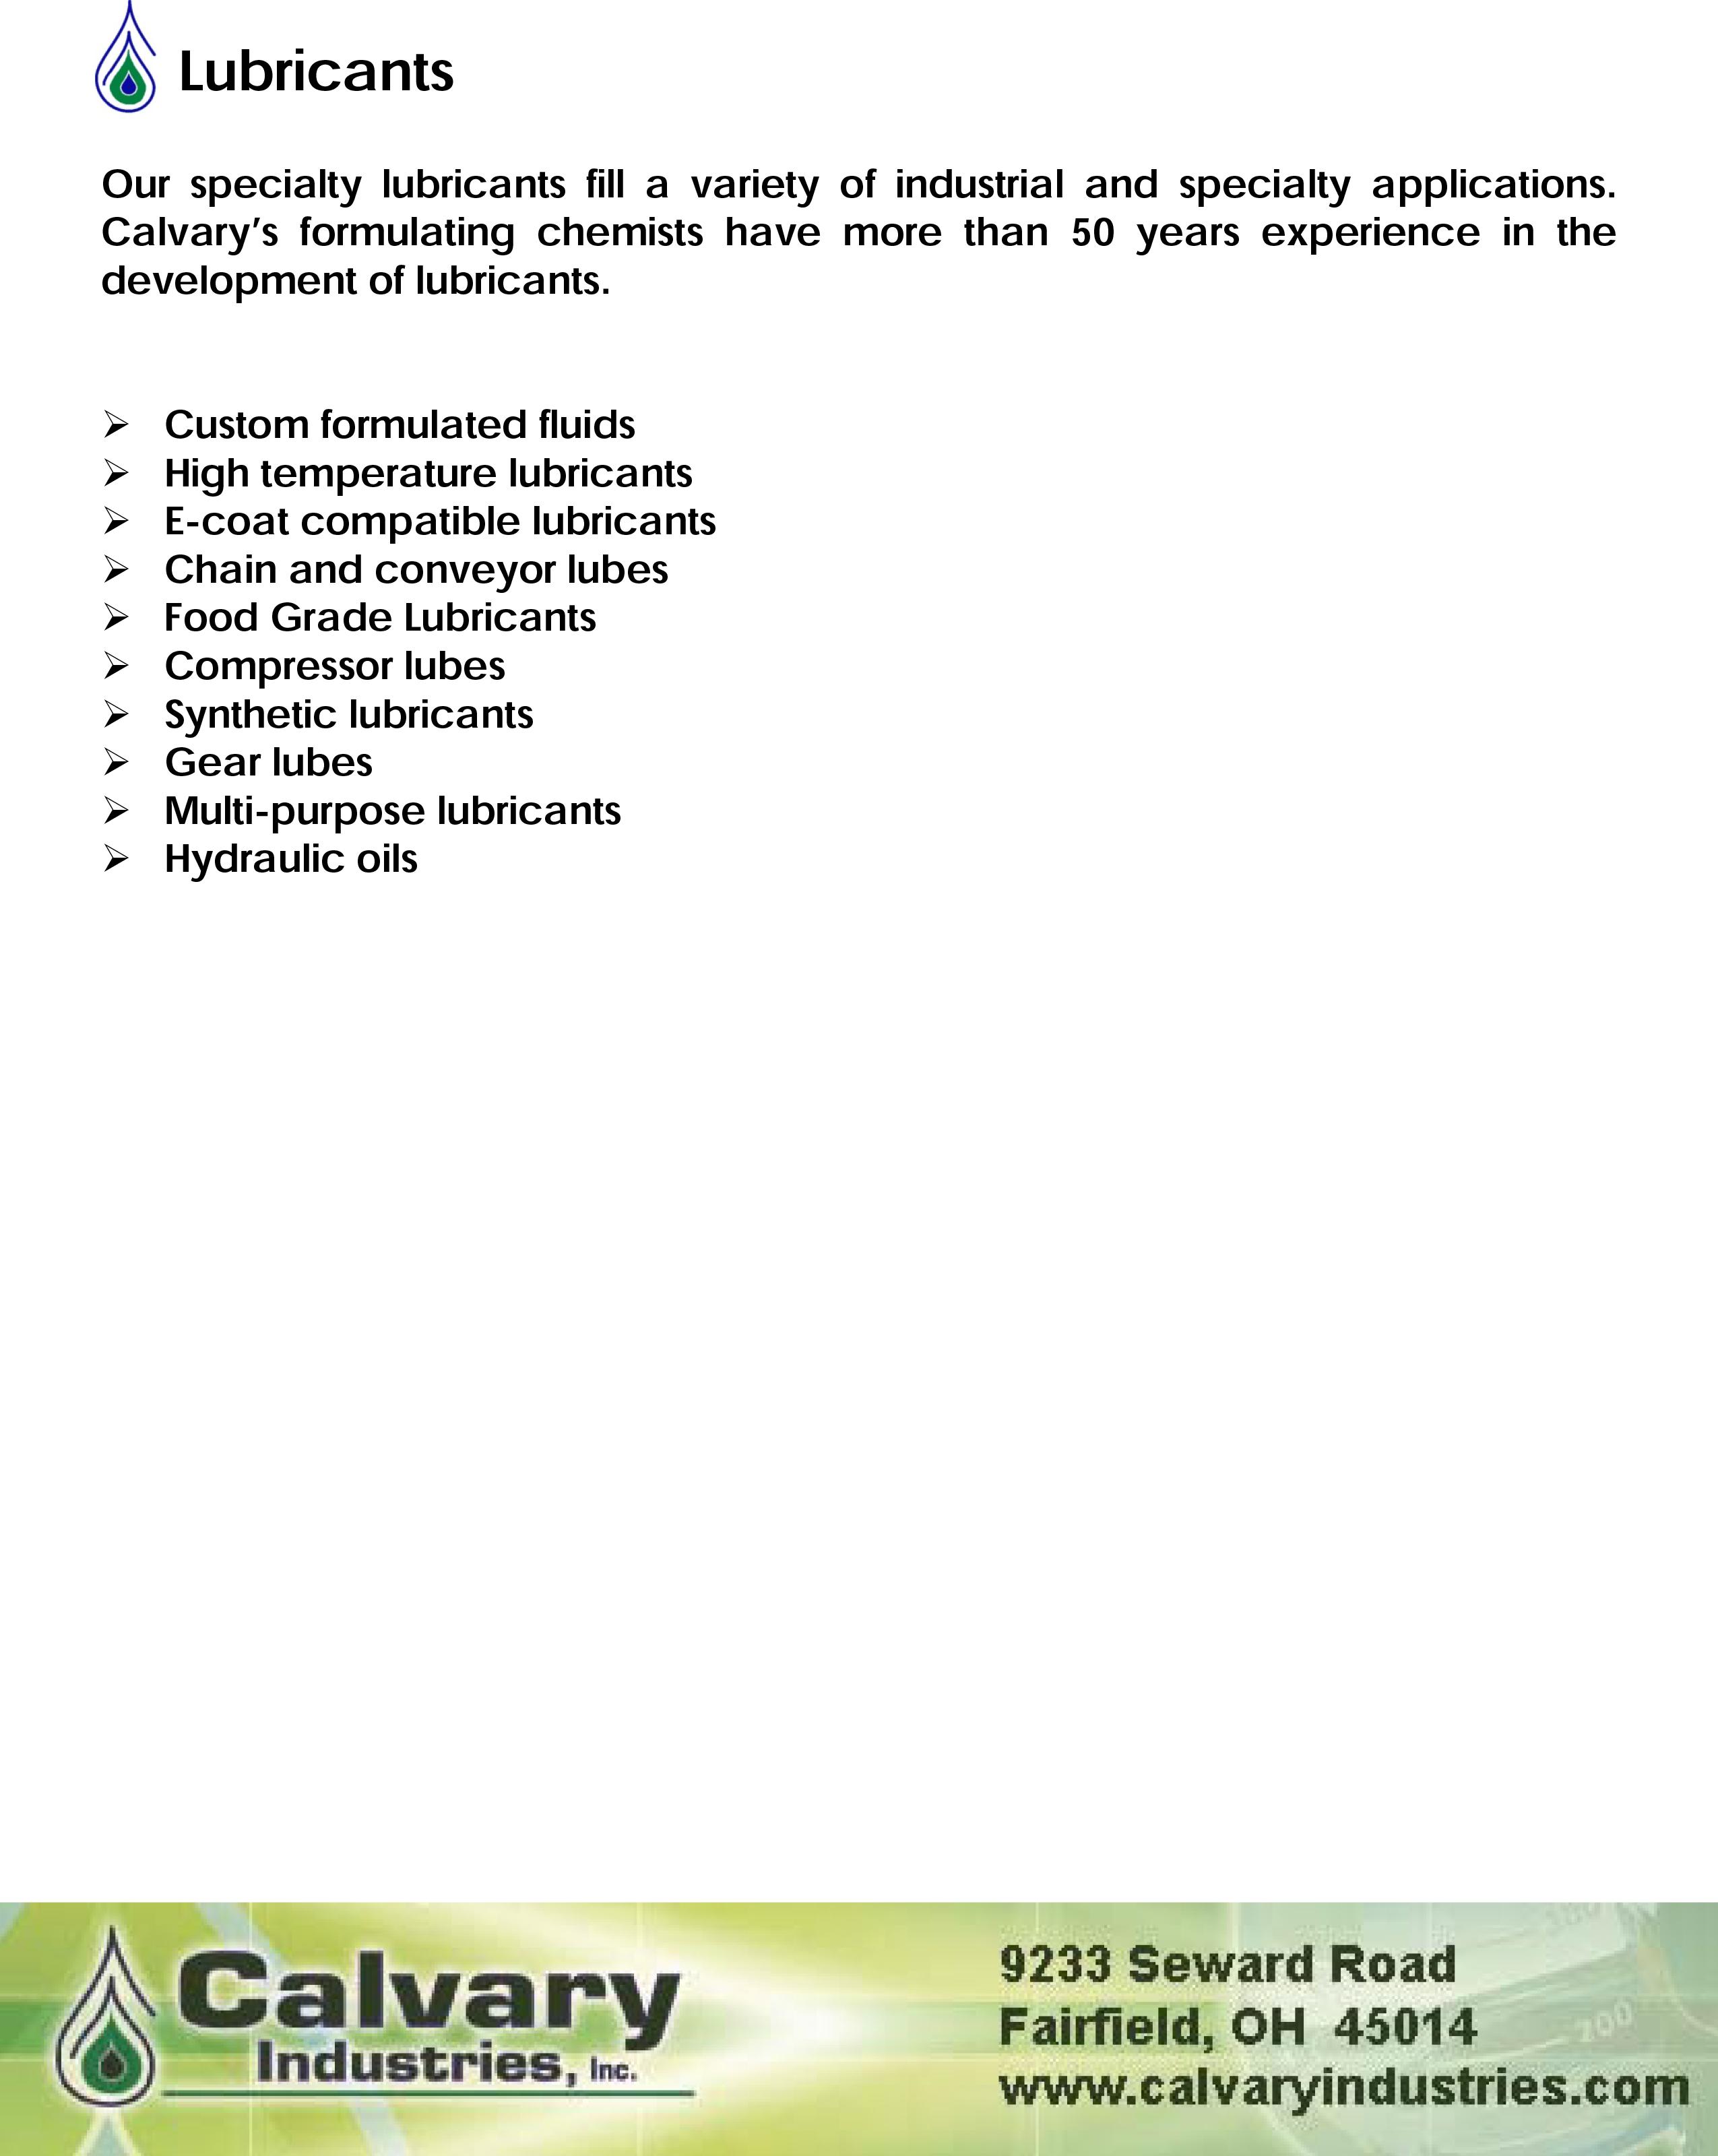 Lubricants-brochure